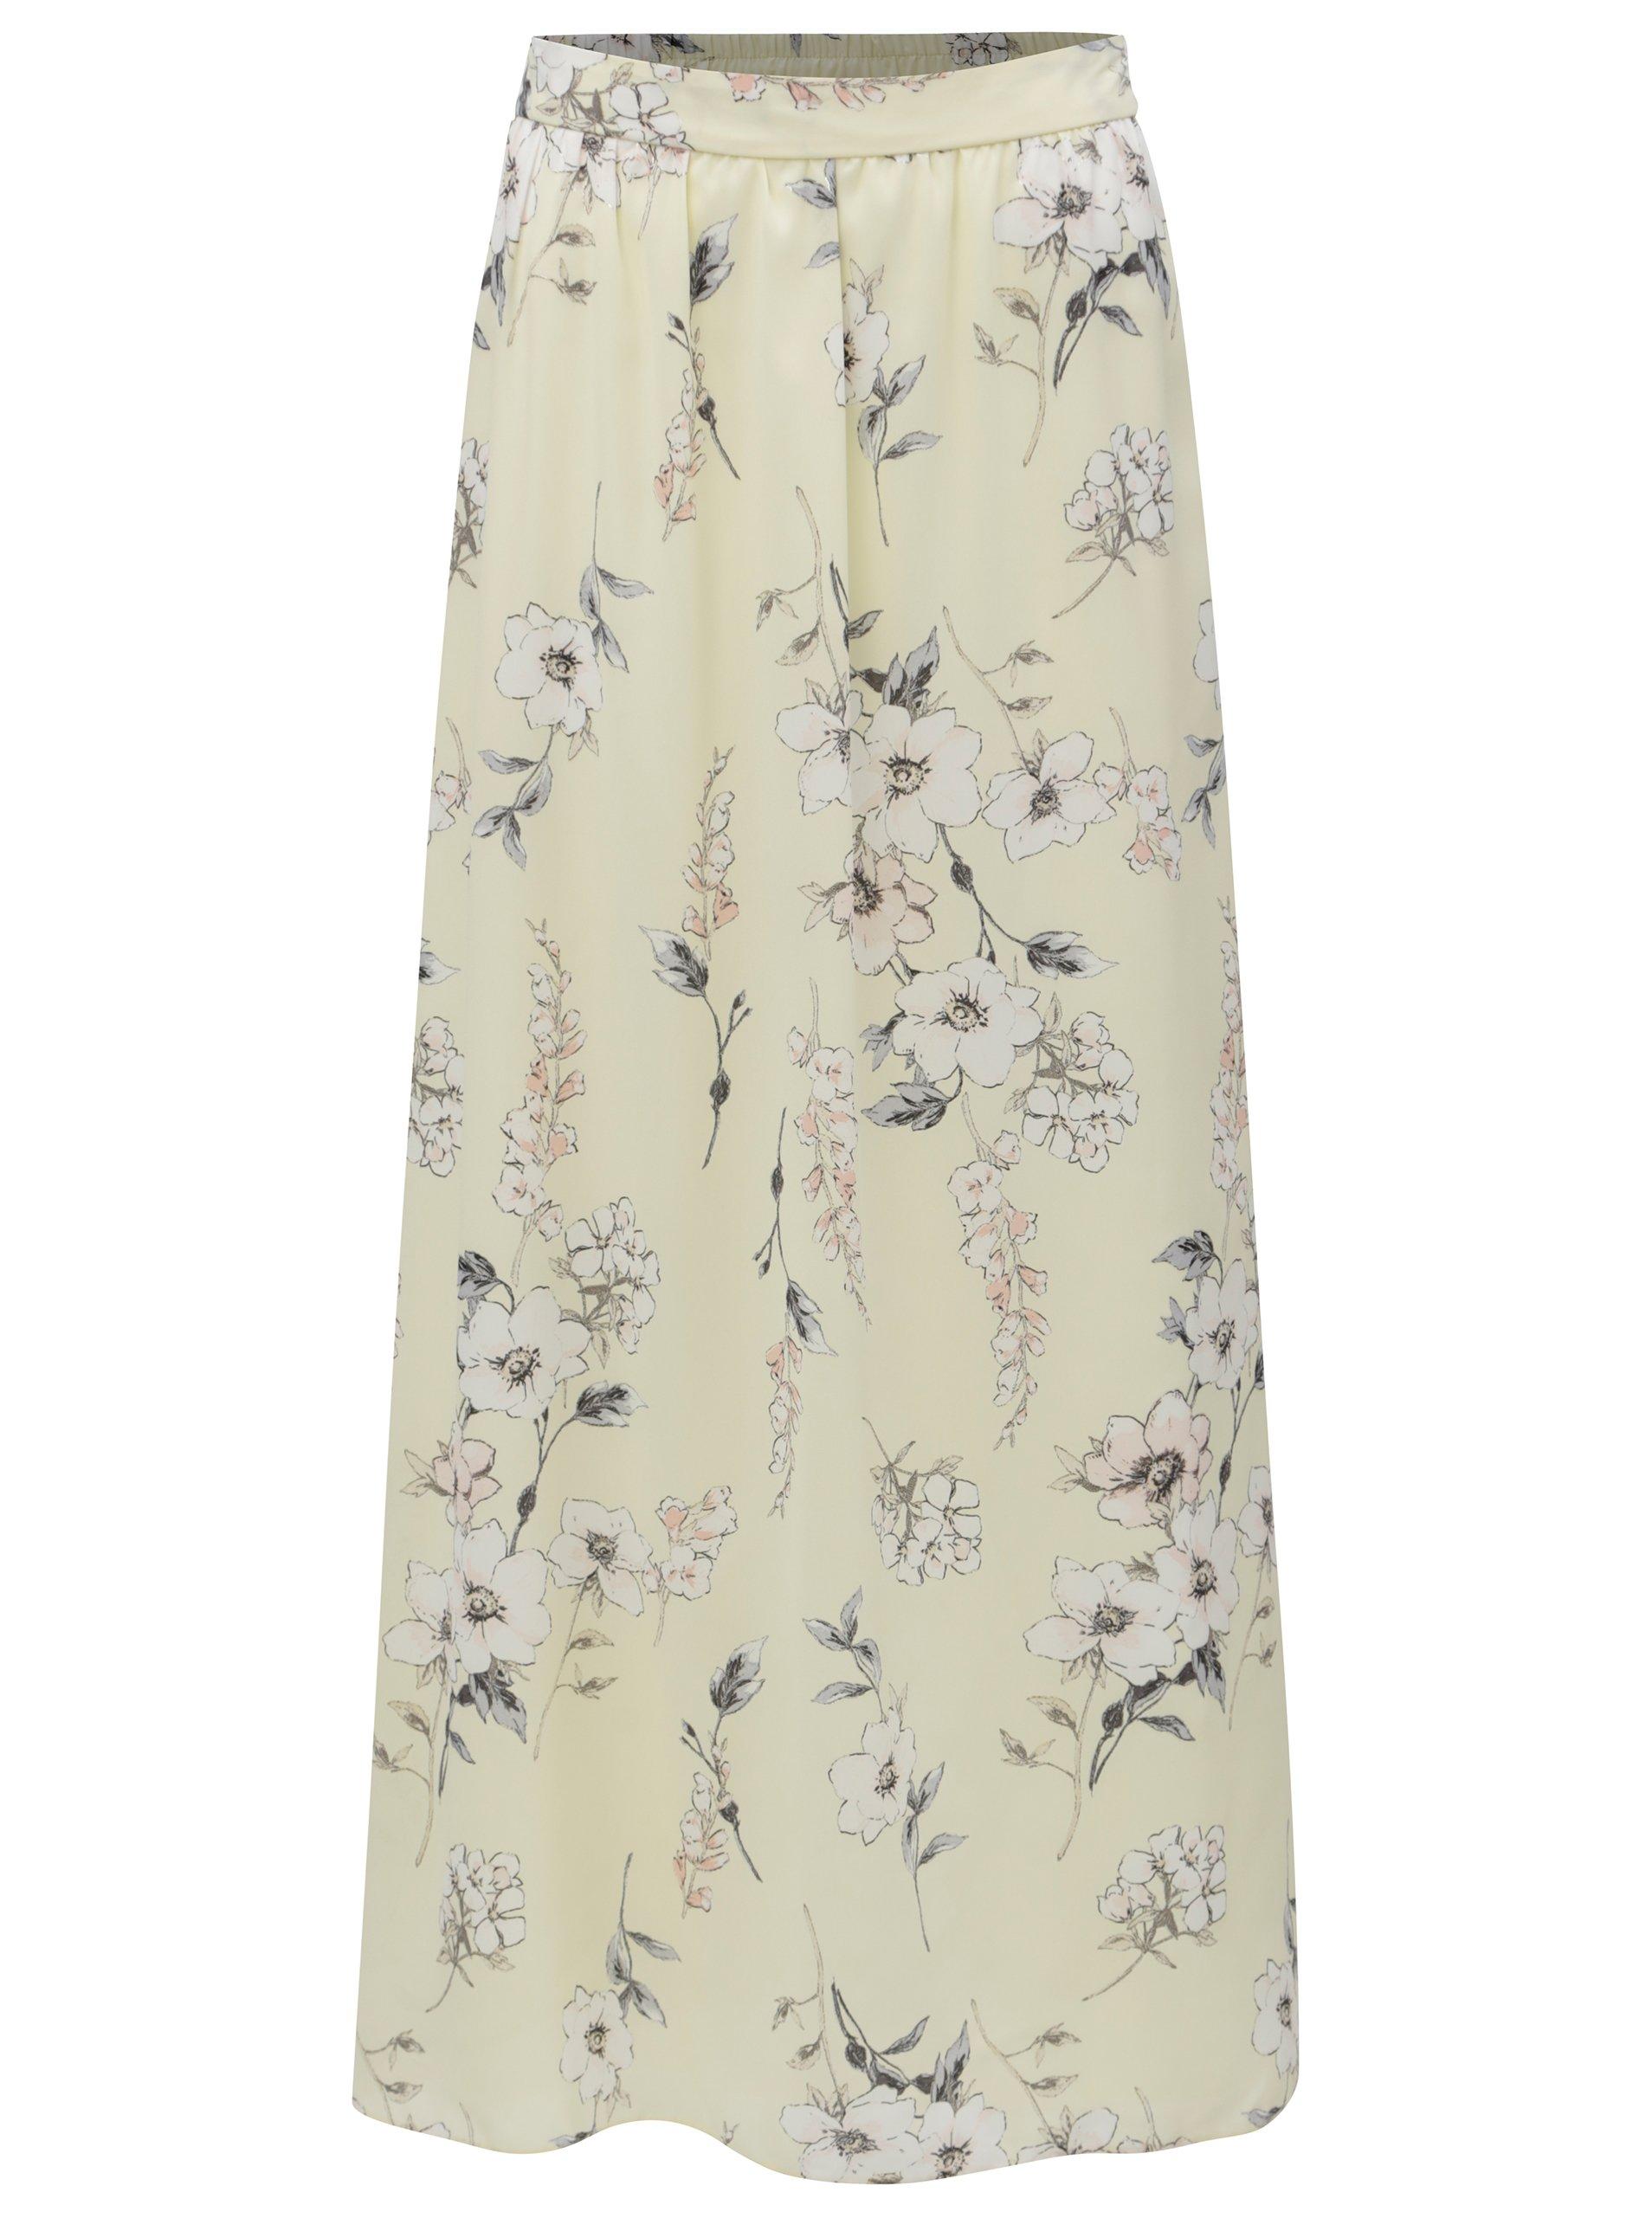 7d0a5c33d845 Žlutá květovaná maxi sukně Dorothy Perkins Petite